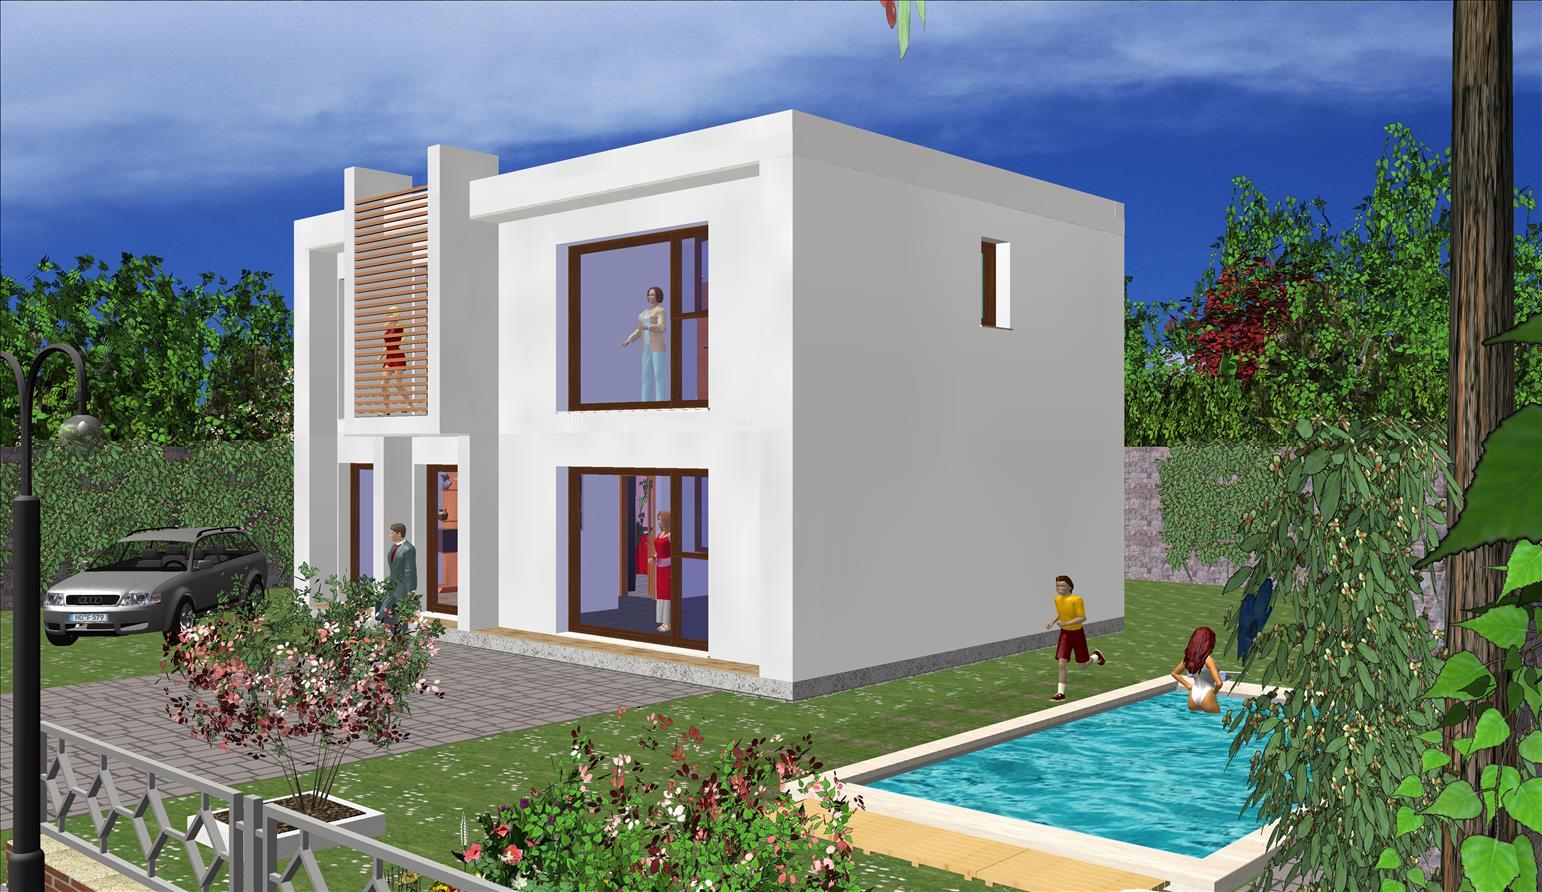 Modele maison moderne en ossature bois prix maisons de qualit economique for Maison ossature en bois prix